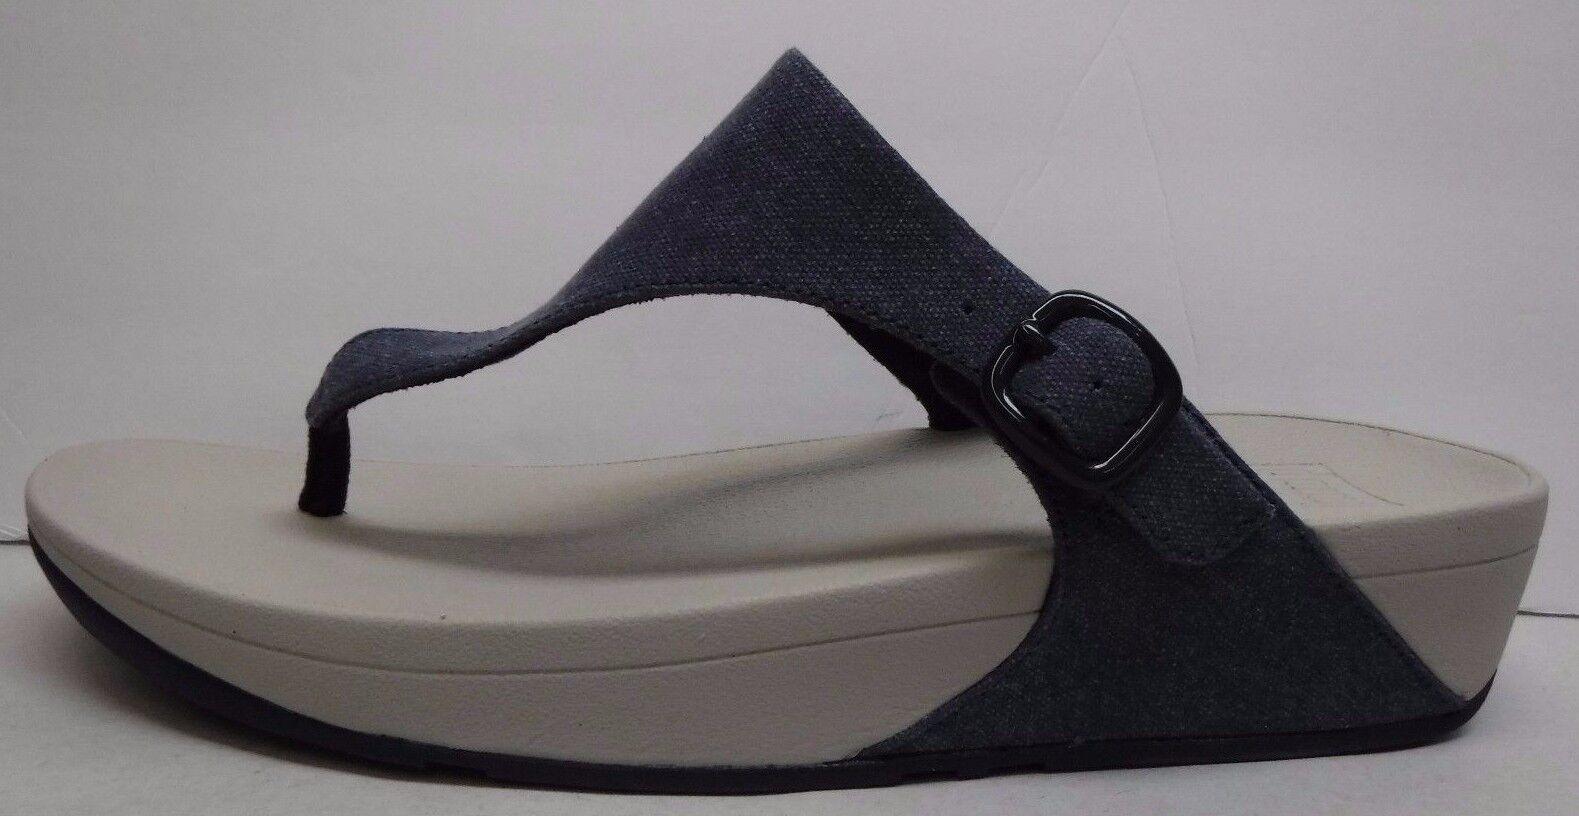 Fitflop Fit Flop Größe 11 M Blau Denim  Sandales NEU Damenschuhe Schuhes